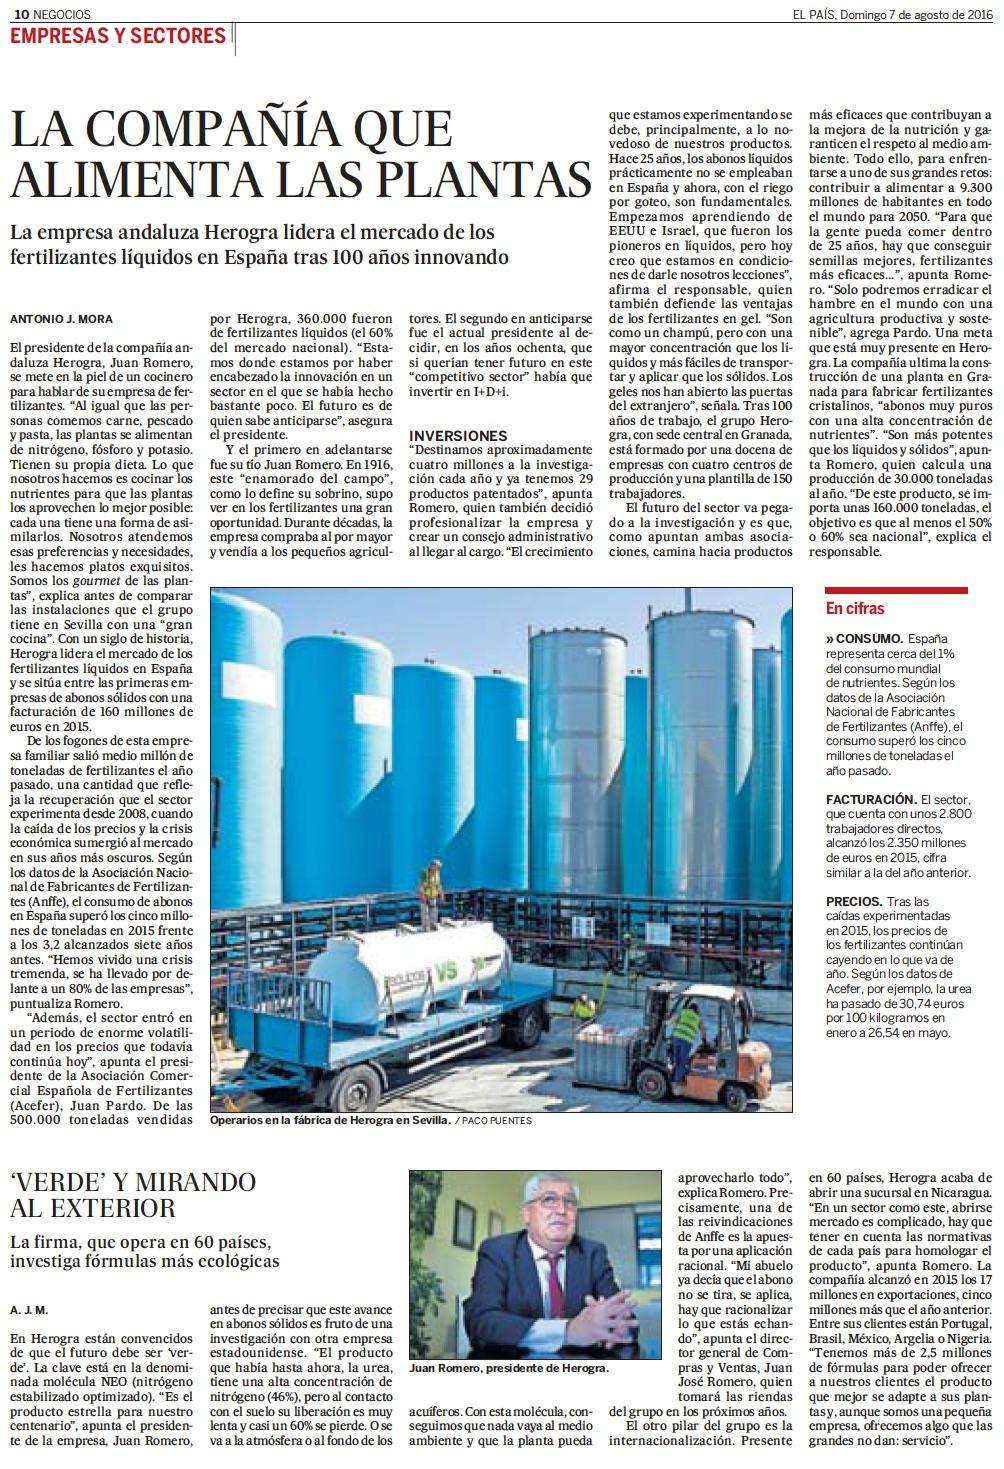 Herogra en el diario EL PAIS y en EL PAISDIGITAL